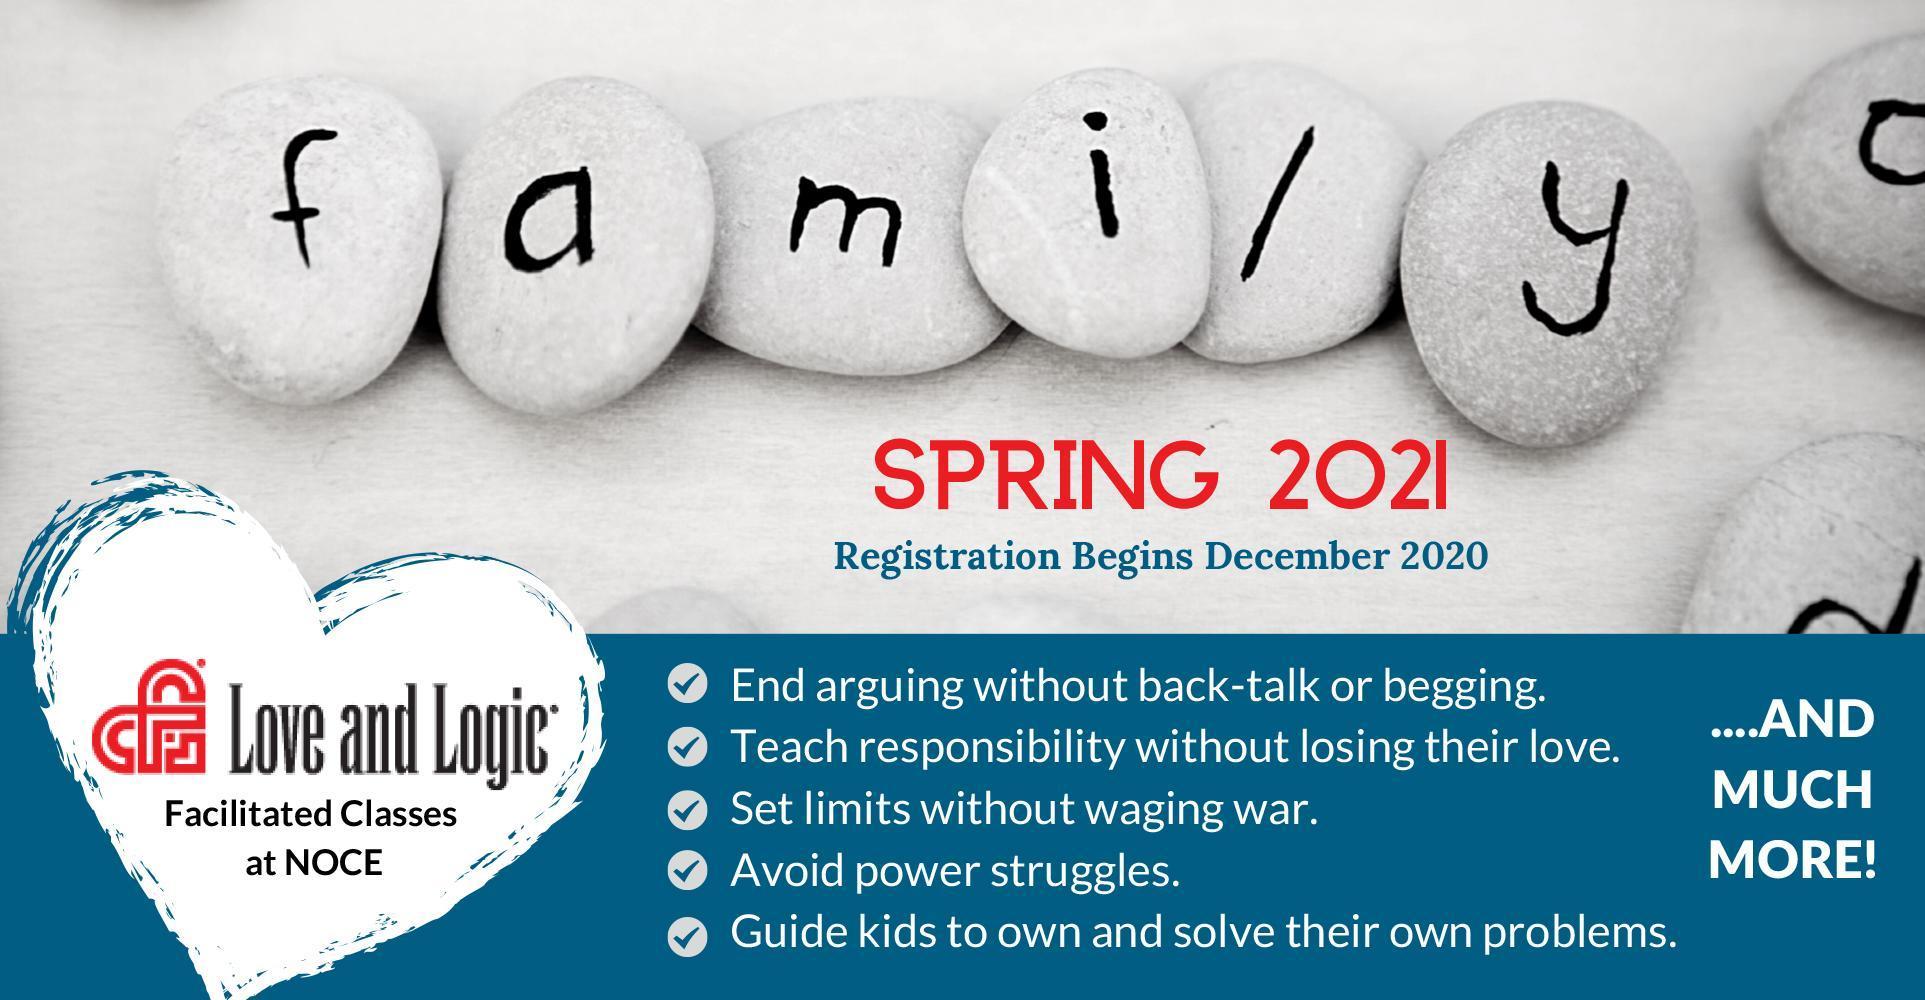 Love & Logic - Spring 2021 Registration & Information